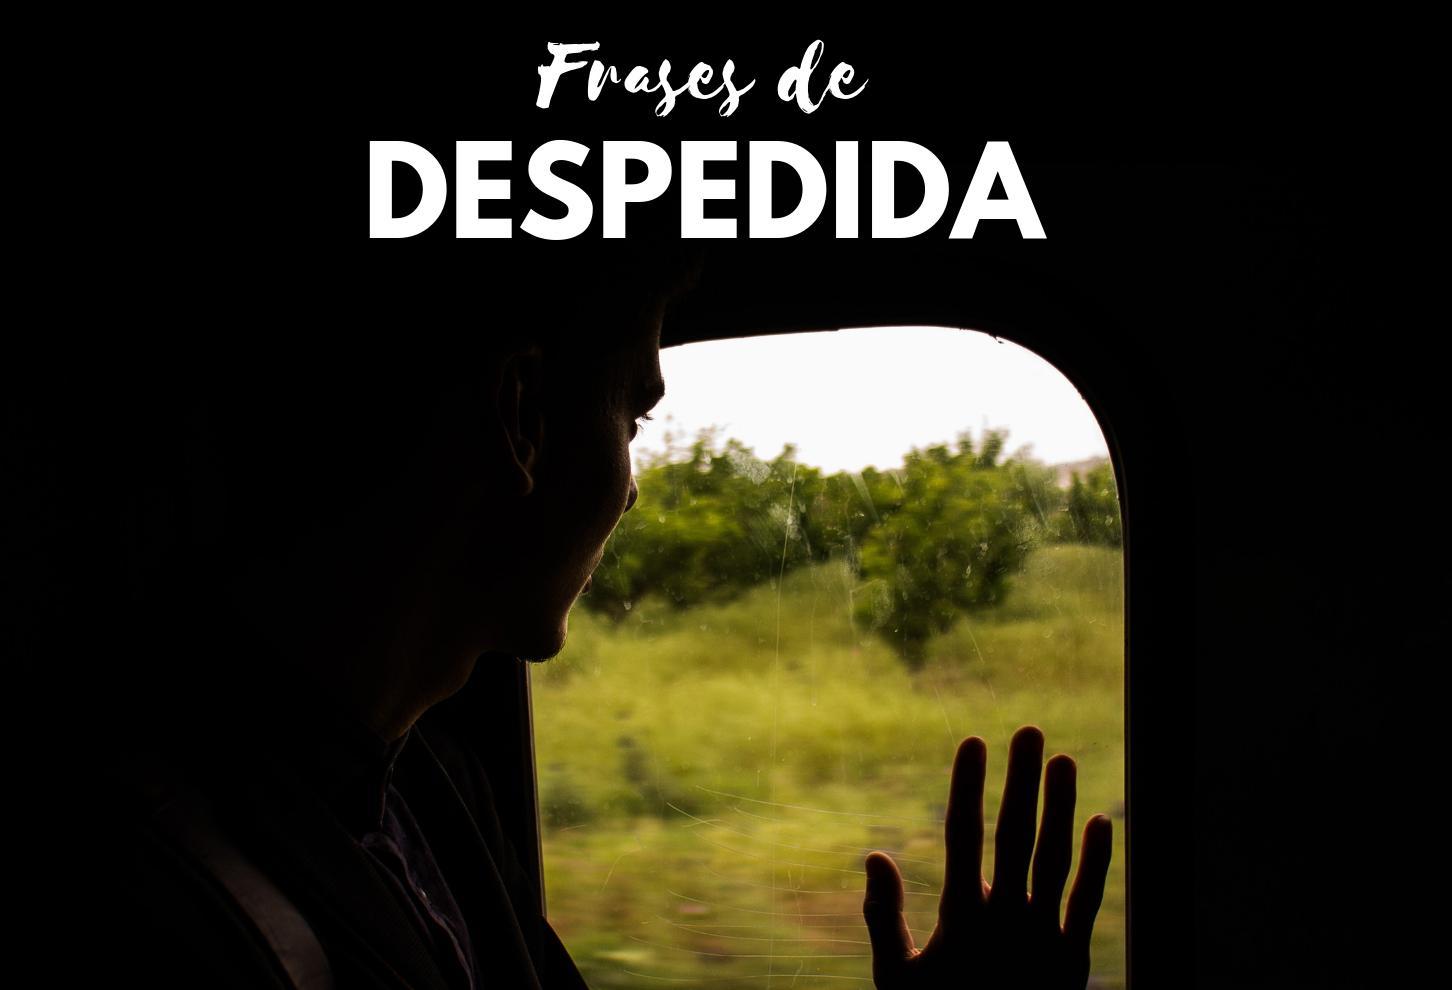 100 Frases De Despedida Para Decir Adios Bonitas Y Emotivas